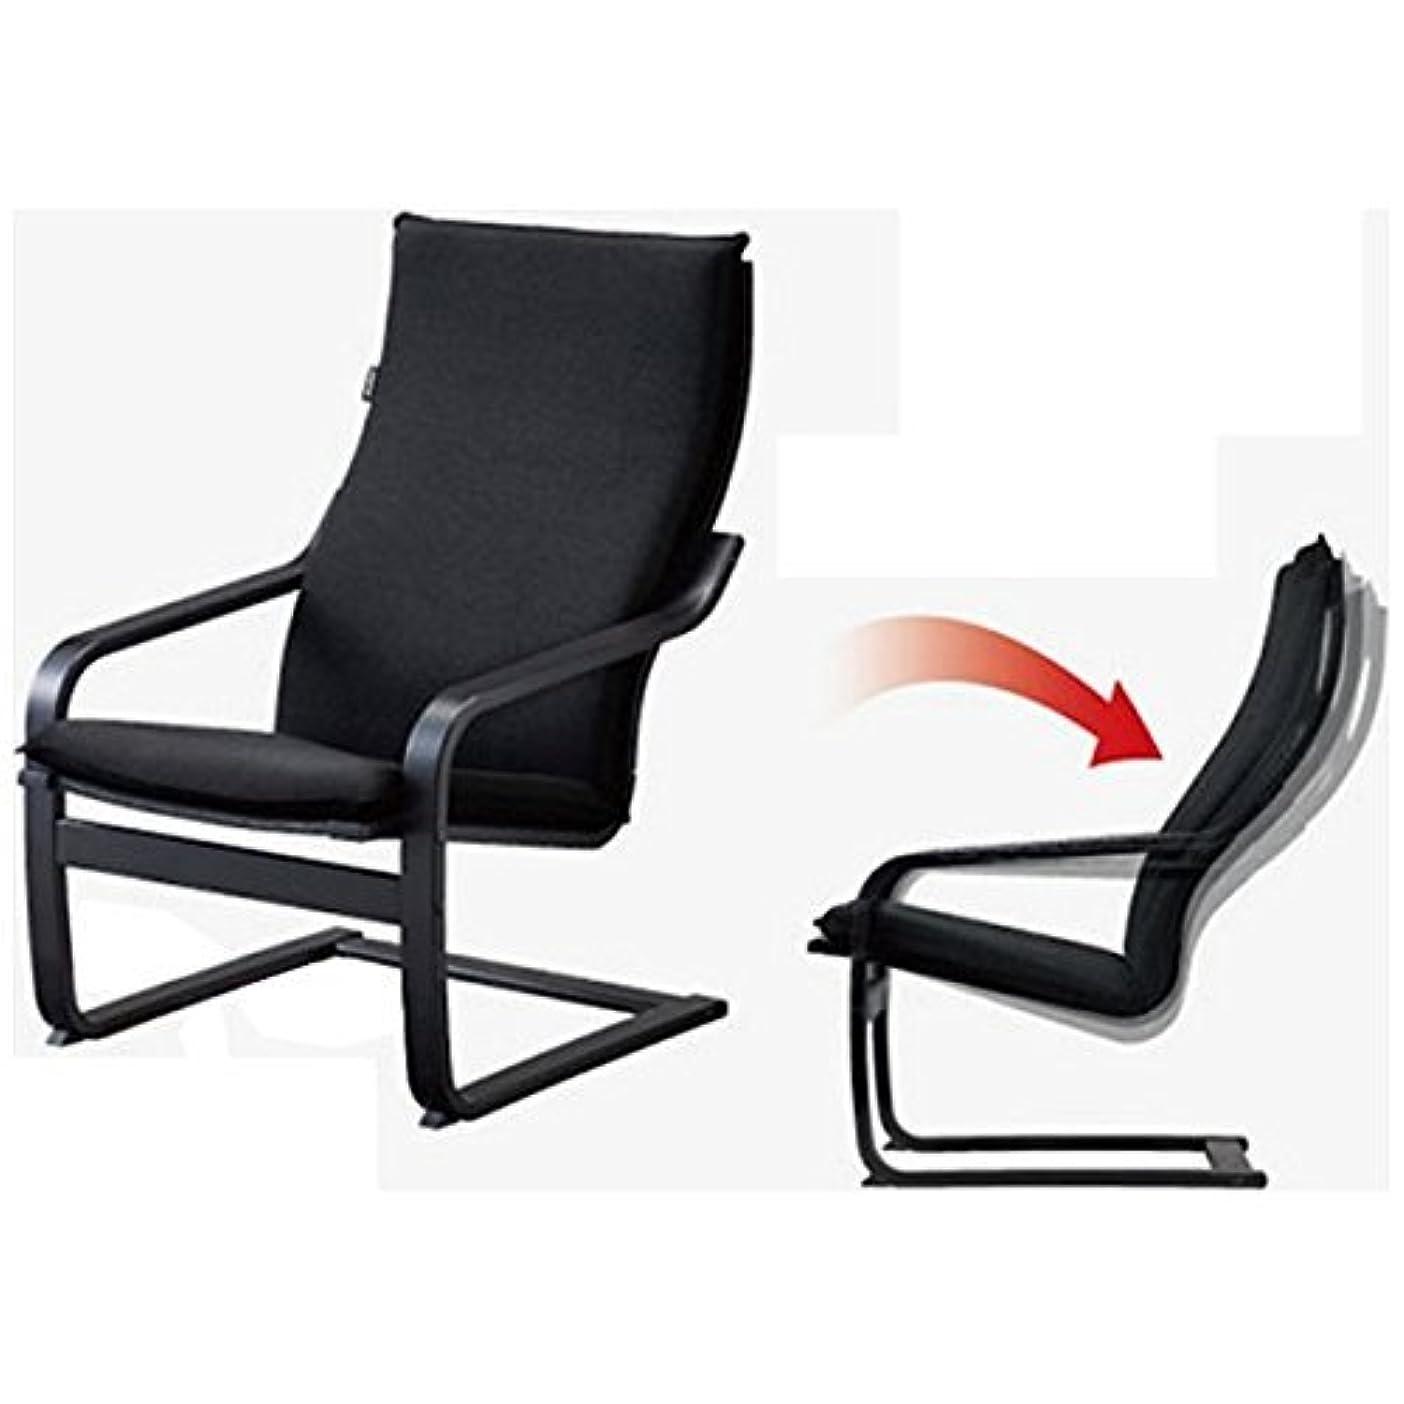 常習的区取得するフジ医療器 シートマッサージャー用チェア(ブラック)my relax(マイリラ) MRL-10C